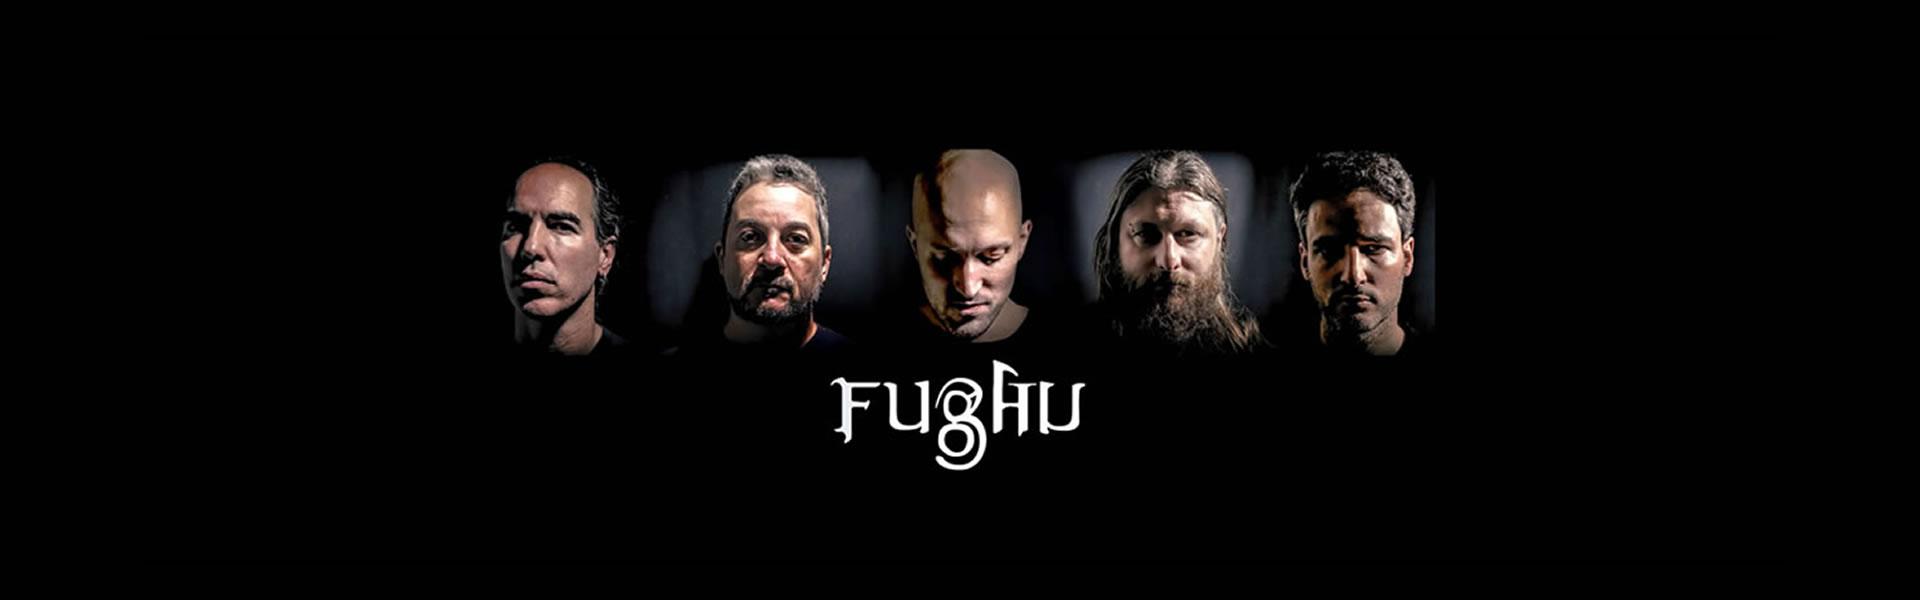 http://www.fughu.com/wp-content/uploads/2017/07/cab-fughu-2017-renzo.jpg